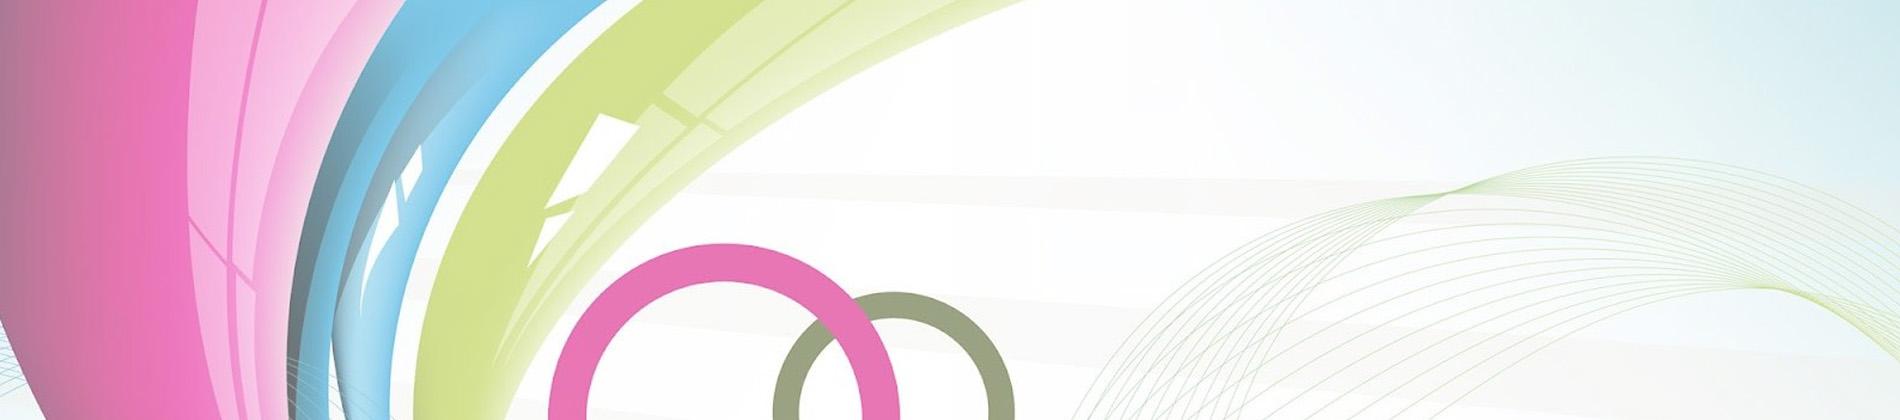 bg-banner02